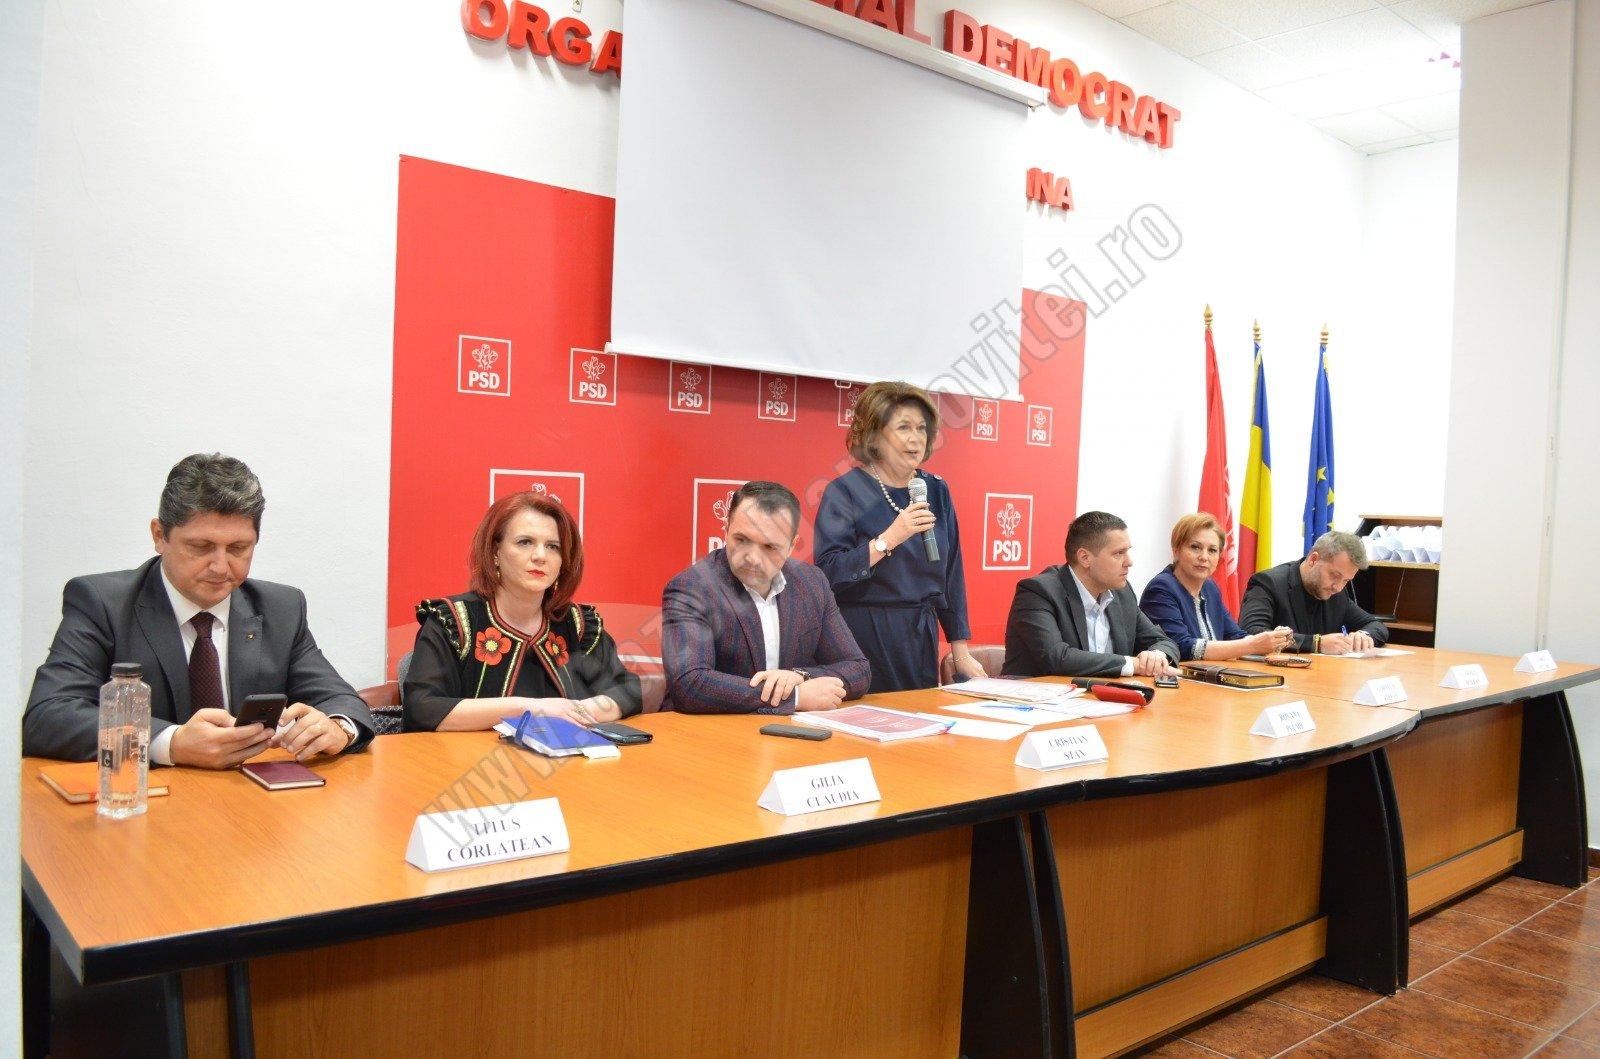 15 Martie Image: Alegeri în PSD Dâmbovița, Vineri, 15 Martie. Cine Candidează